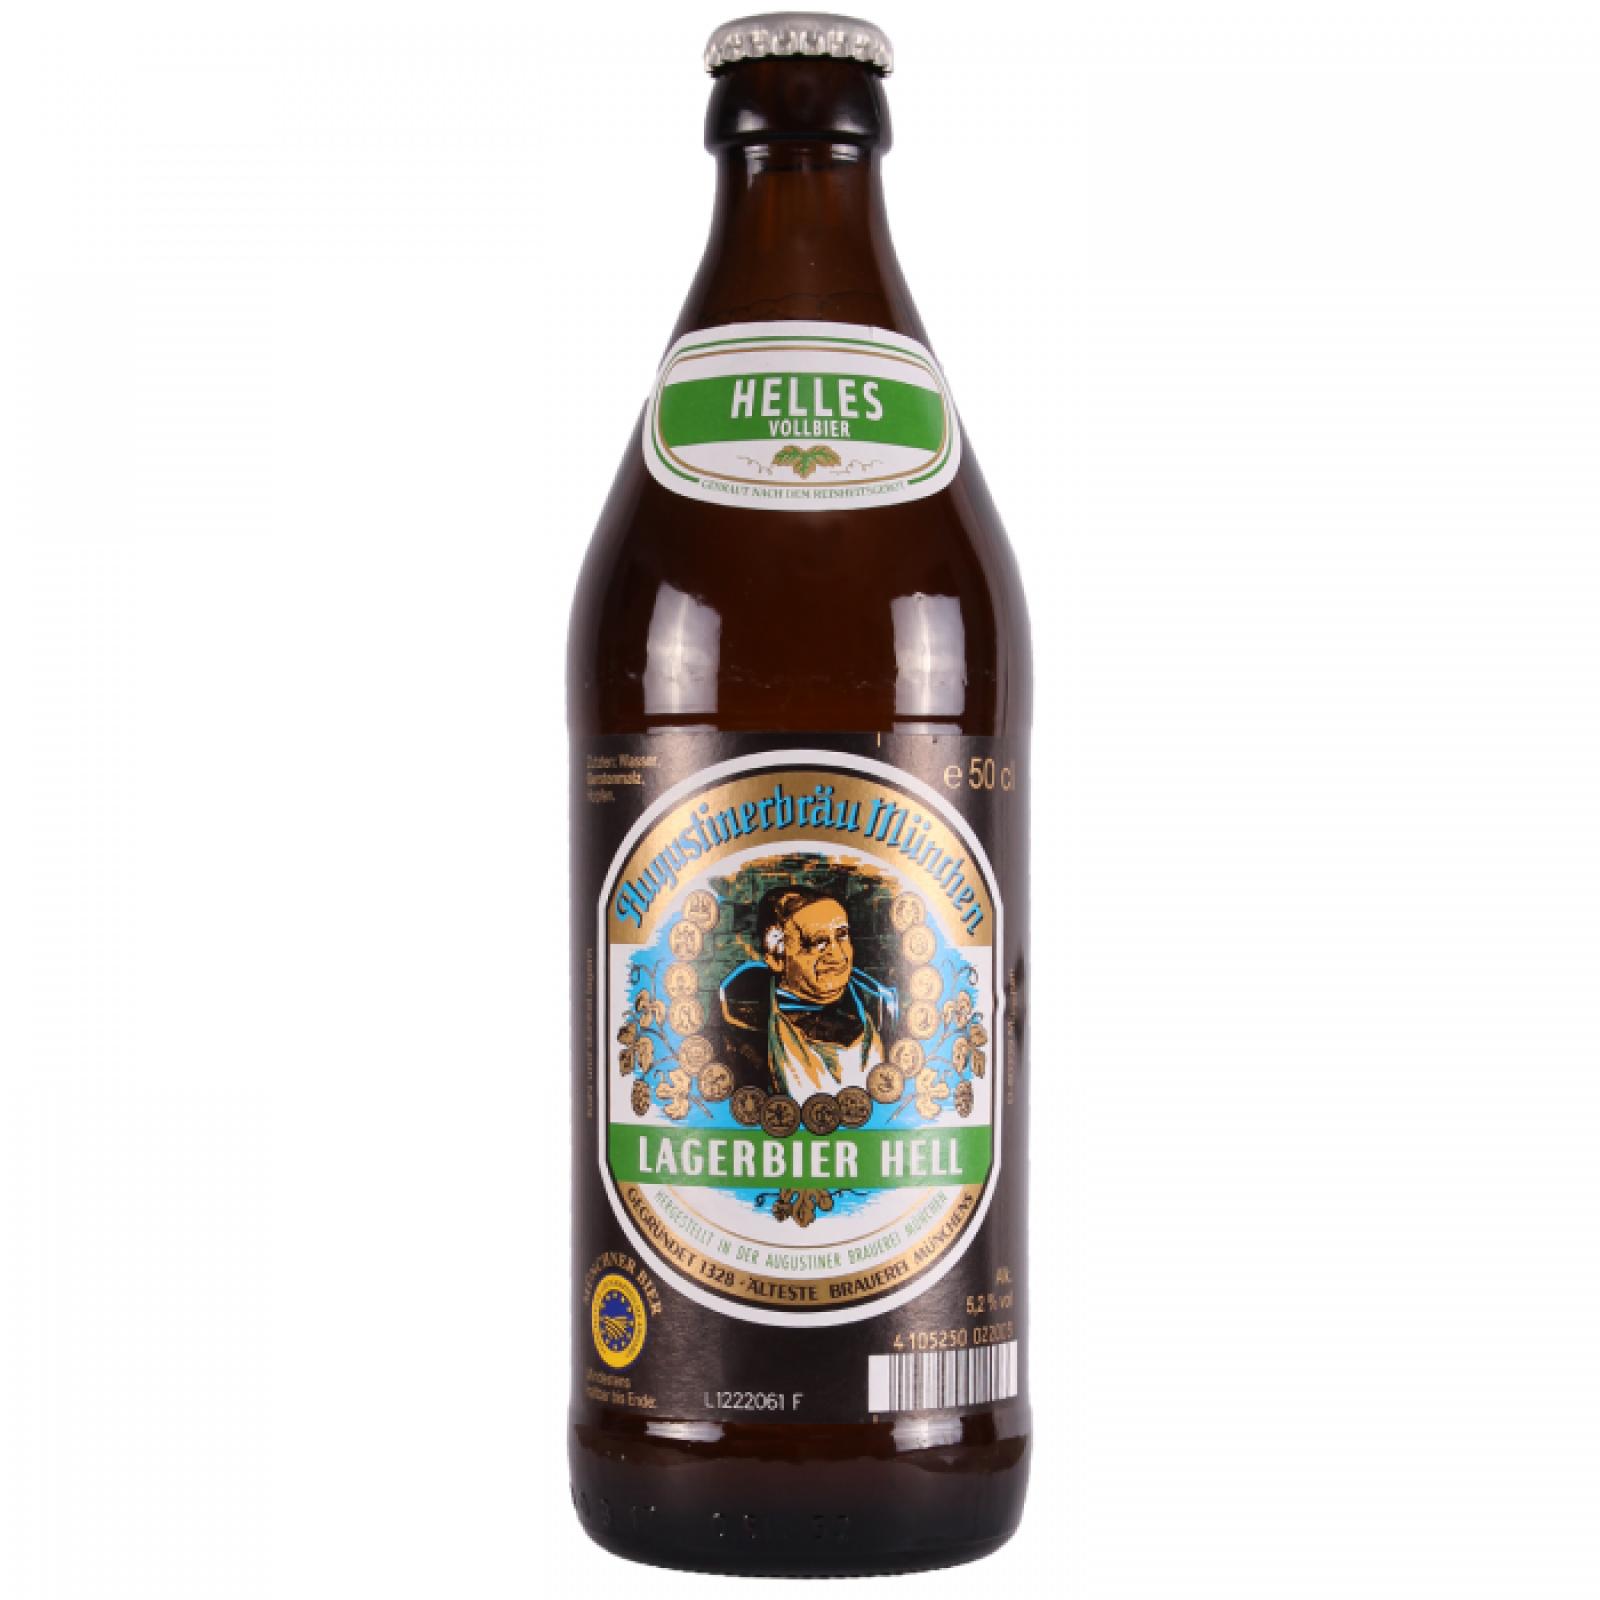 Augustiner Lagerbier Helles 5.2% 500ml